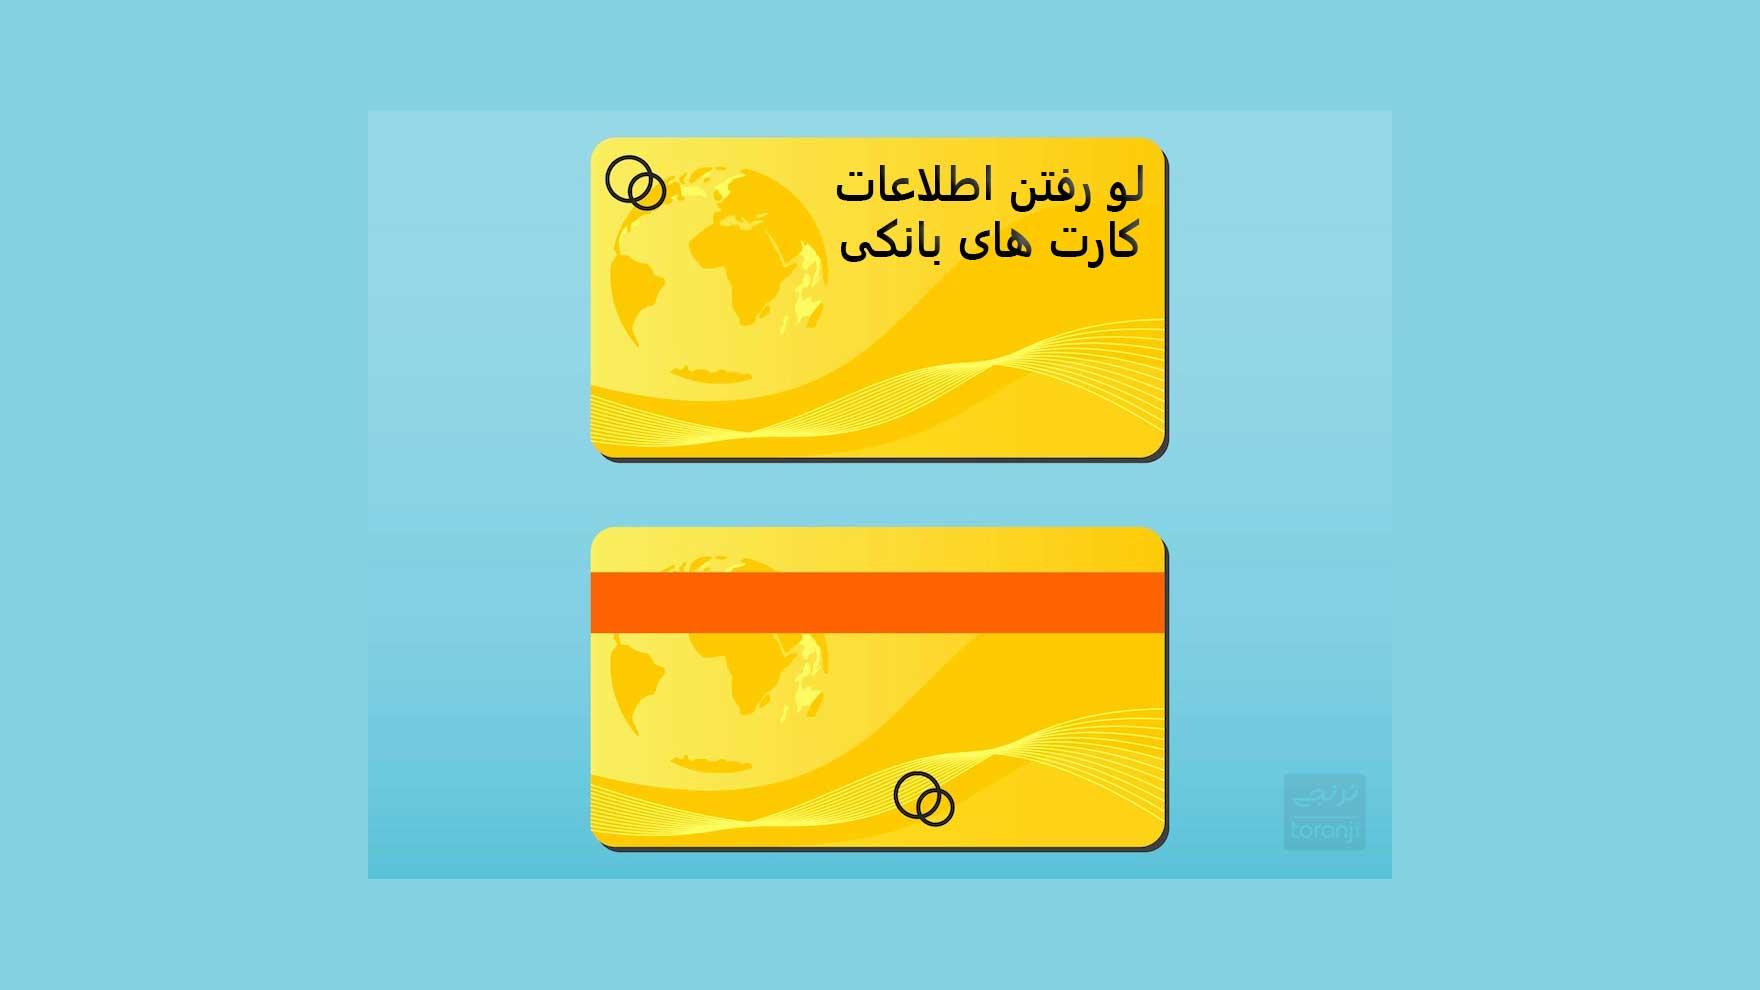 اطلاعات کارت بانک تجارت و سرمایه با ملت لو رفته است؟